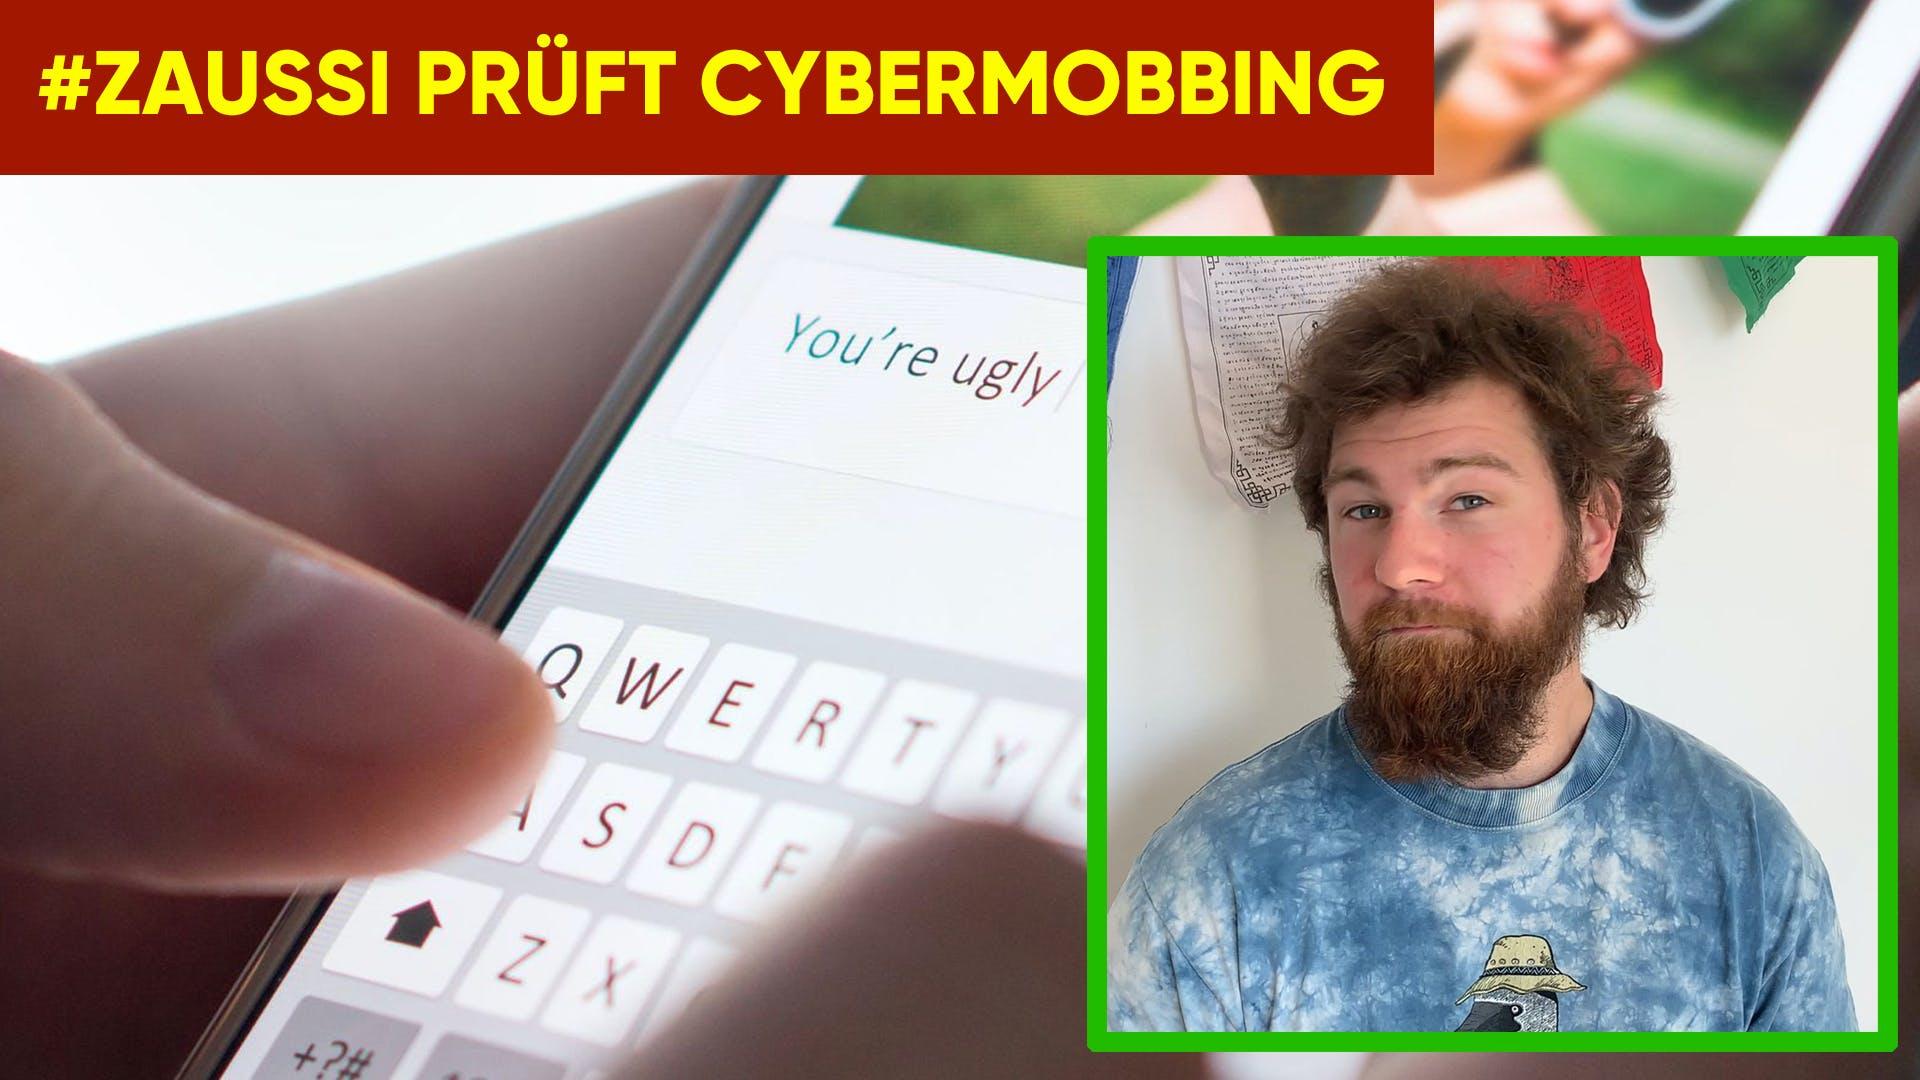 Zaussi prüft Digitalisierung 2: Cybermobbing